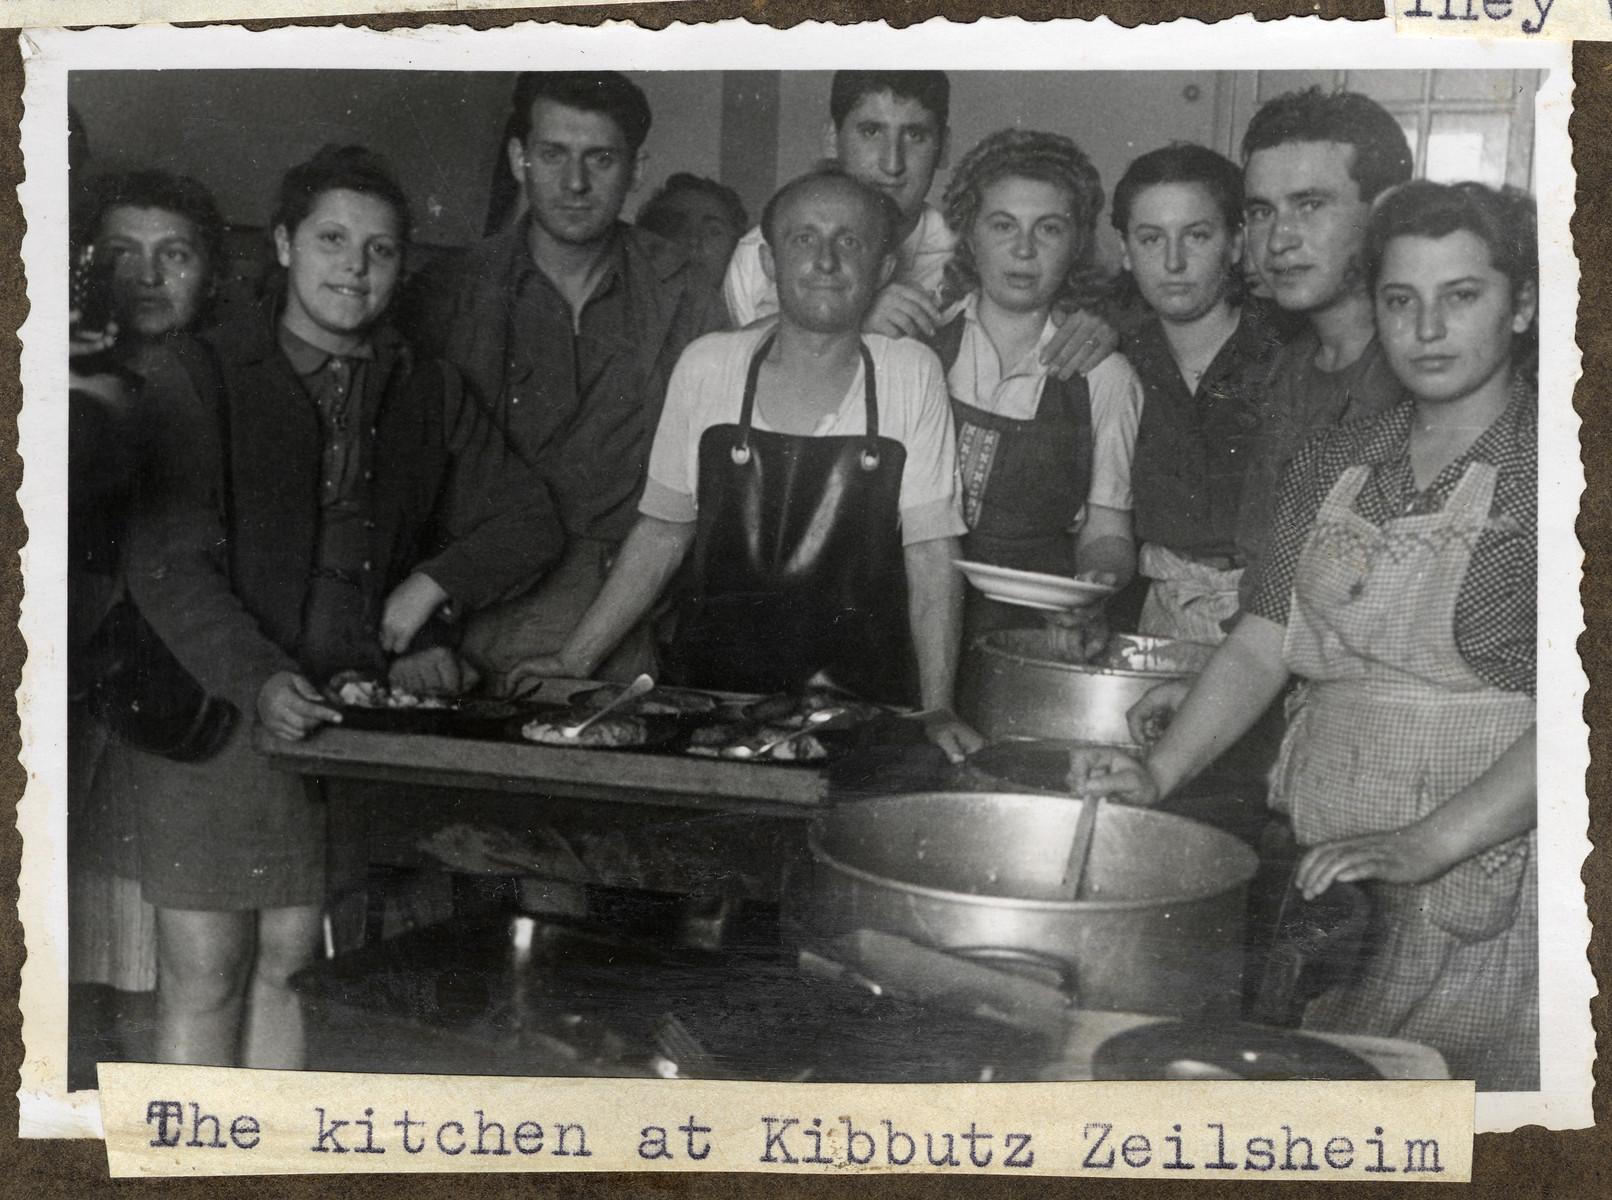 Jewish displaced persons gather around the stove in the kitchen in Kibbutz Zeilsheim